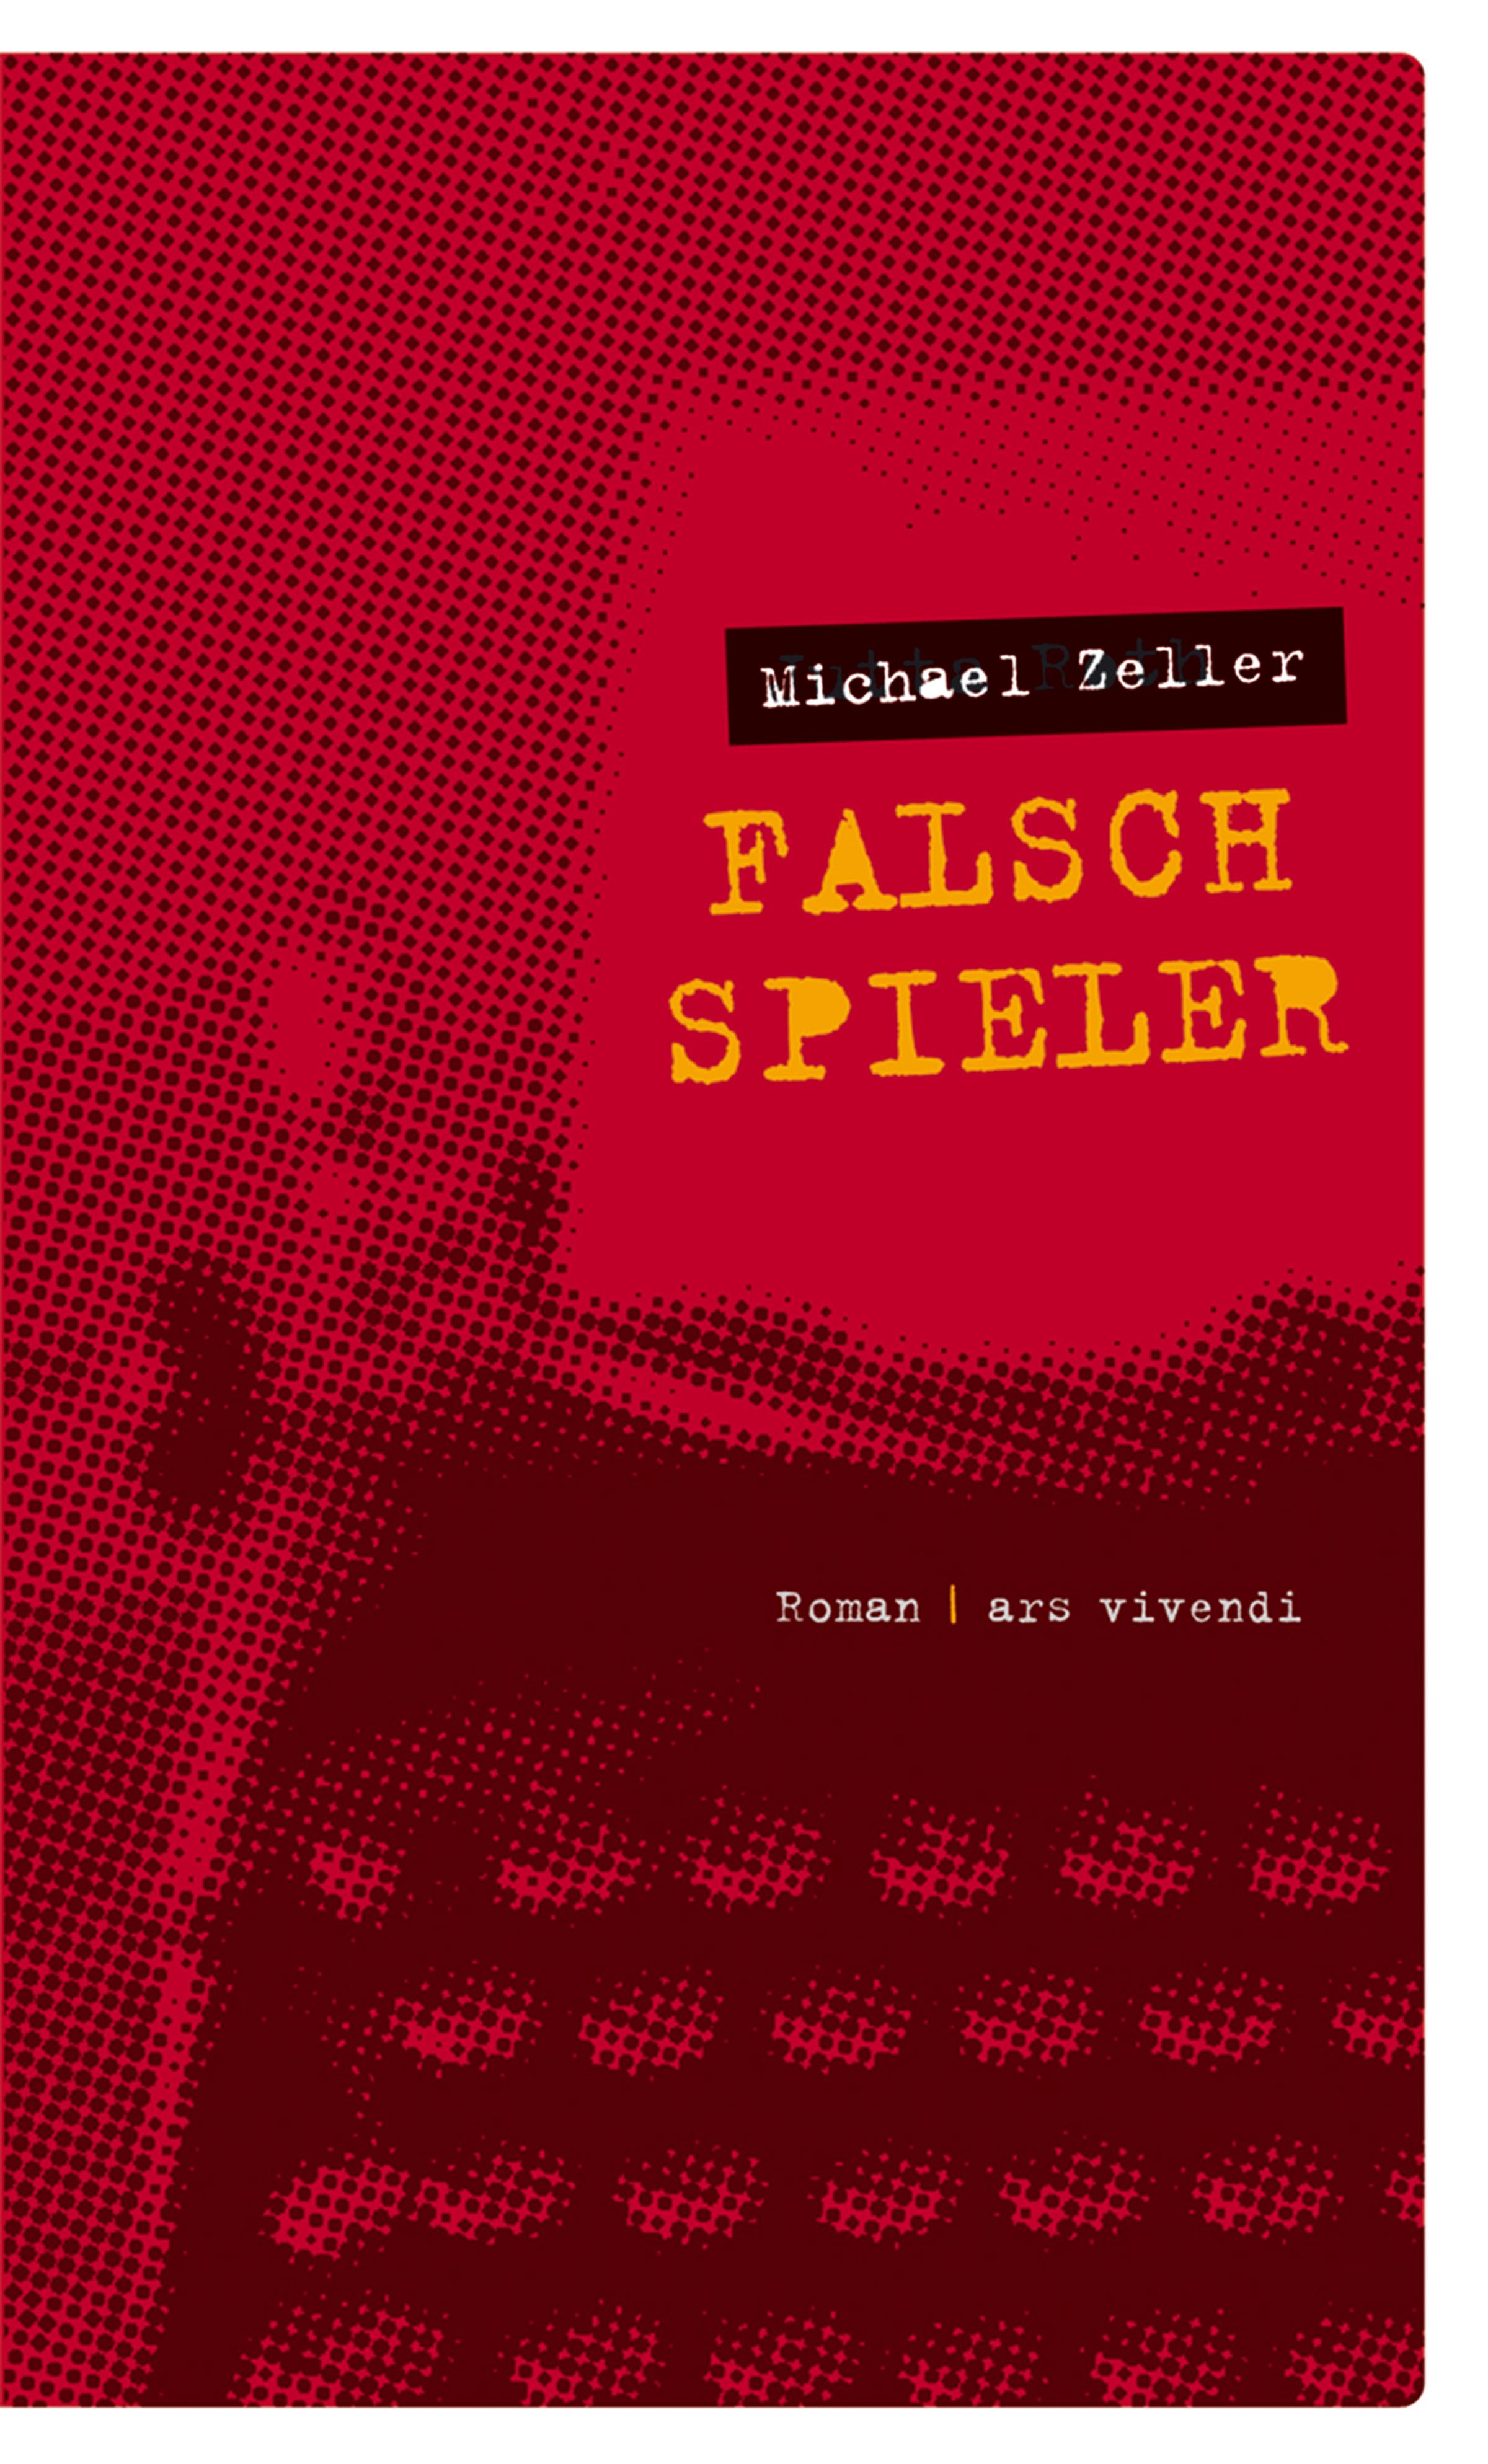 цена на Michael Zeller Falschspieler (eBook)